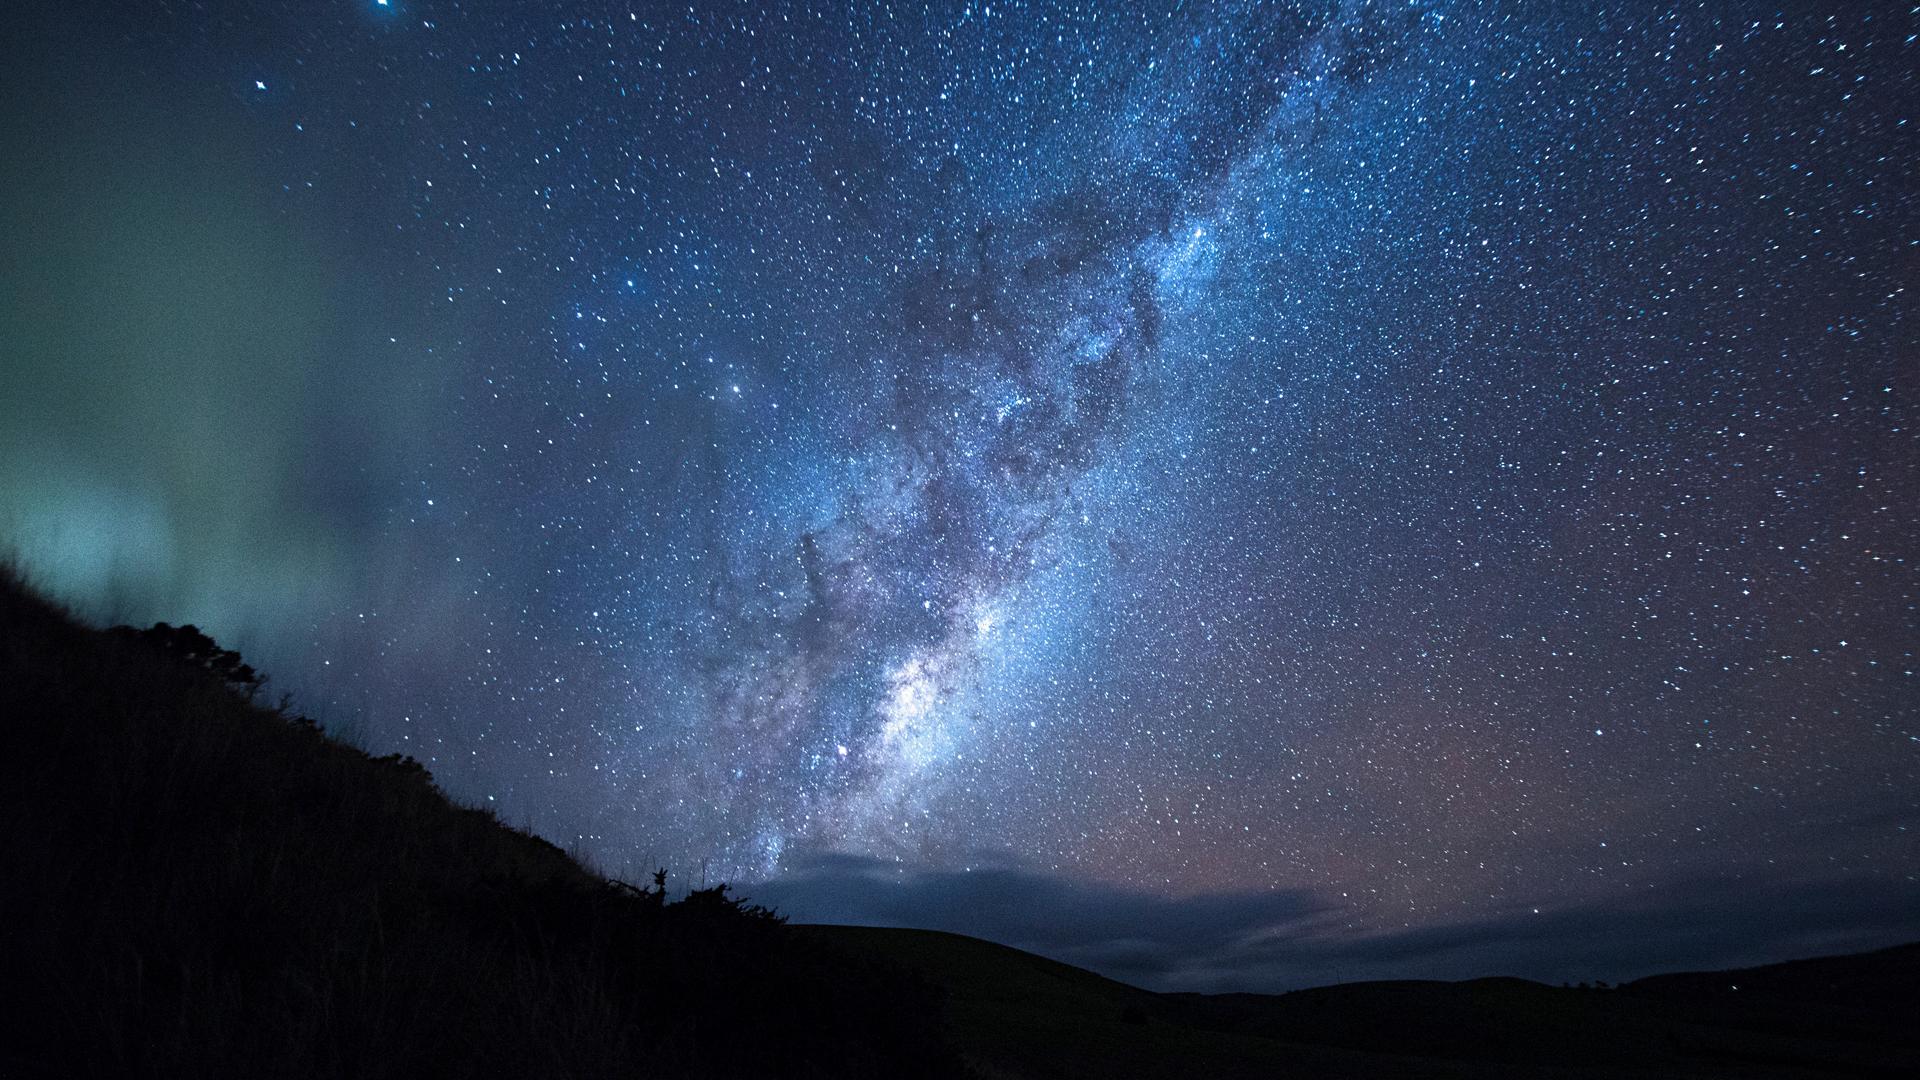 различным версиям, небо звезды фото для рабочего стола попка разработанное влагалище